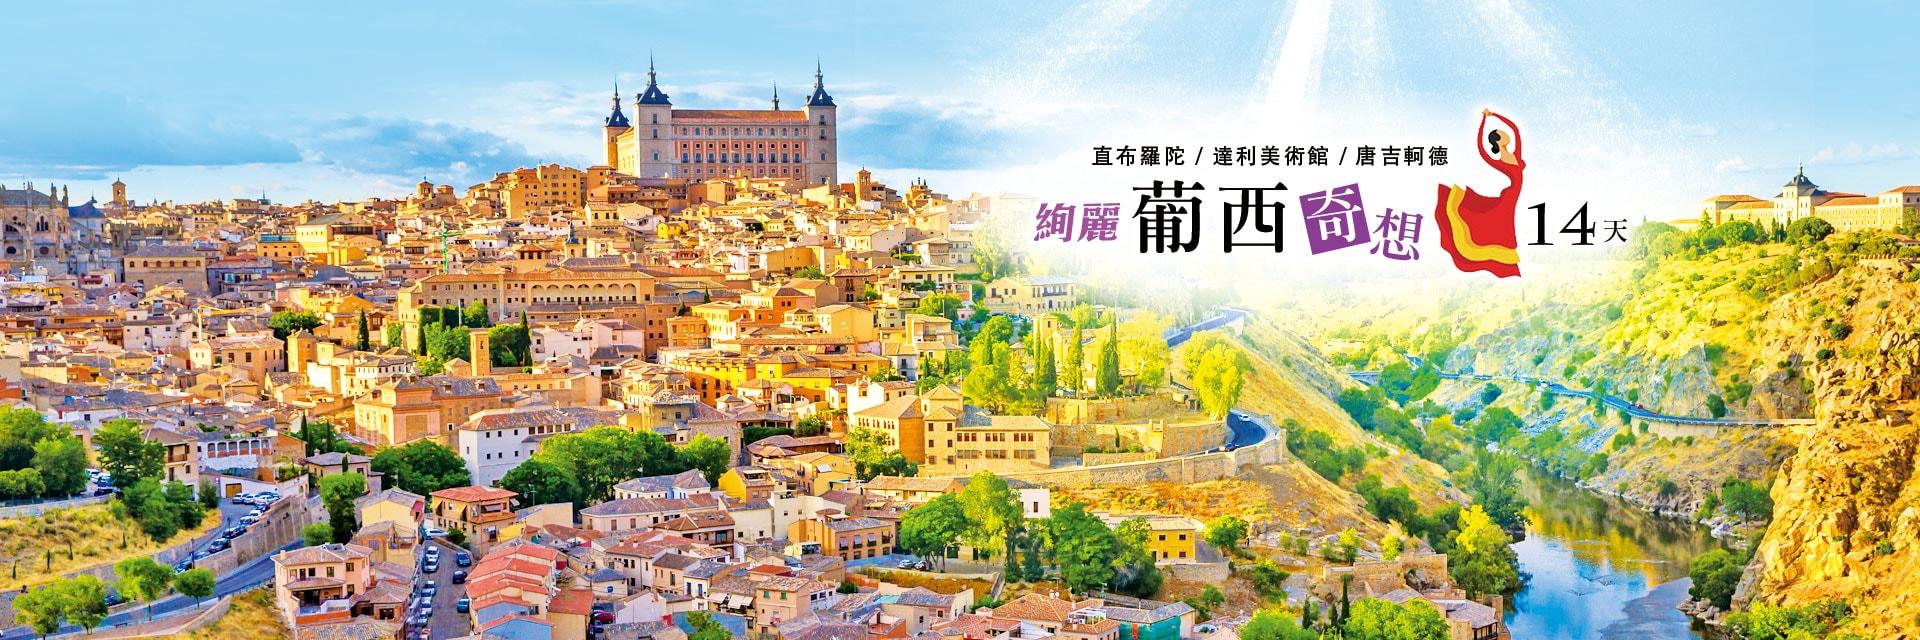 上順旅遊、葡萄牙、西班牙、達利美術館